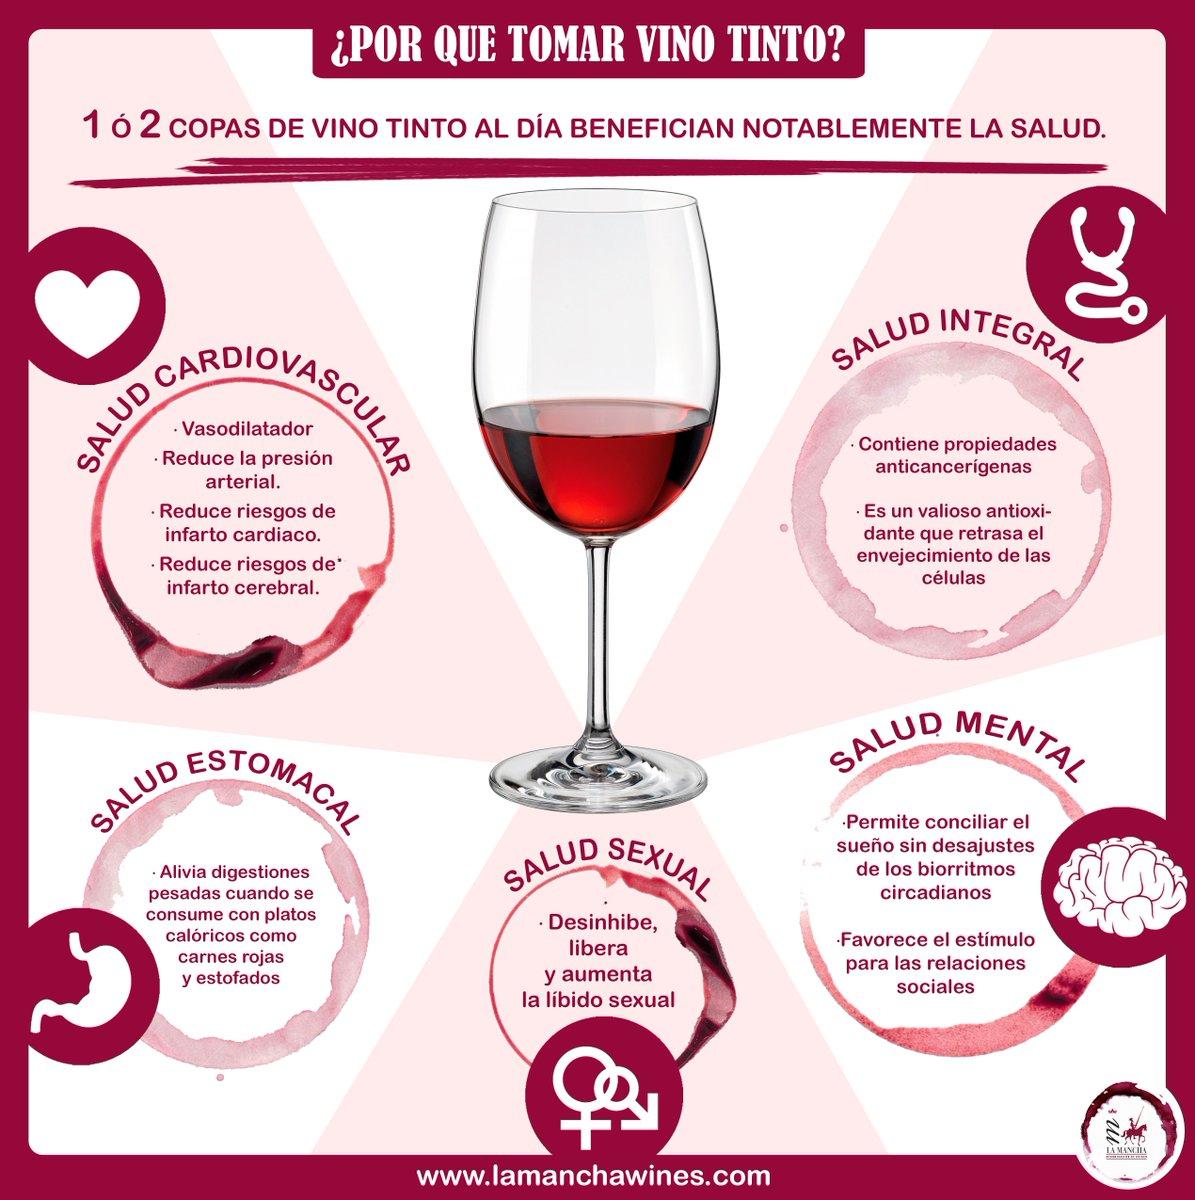 ¿Sabes lo que te pierdes si desprecias una copa de vinto tinto?#wineinmoderation #salud https://t.co/oAYWmHug4E